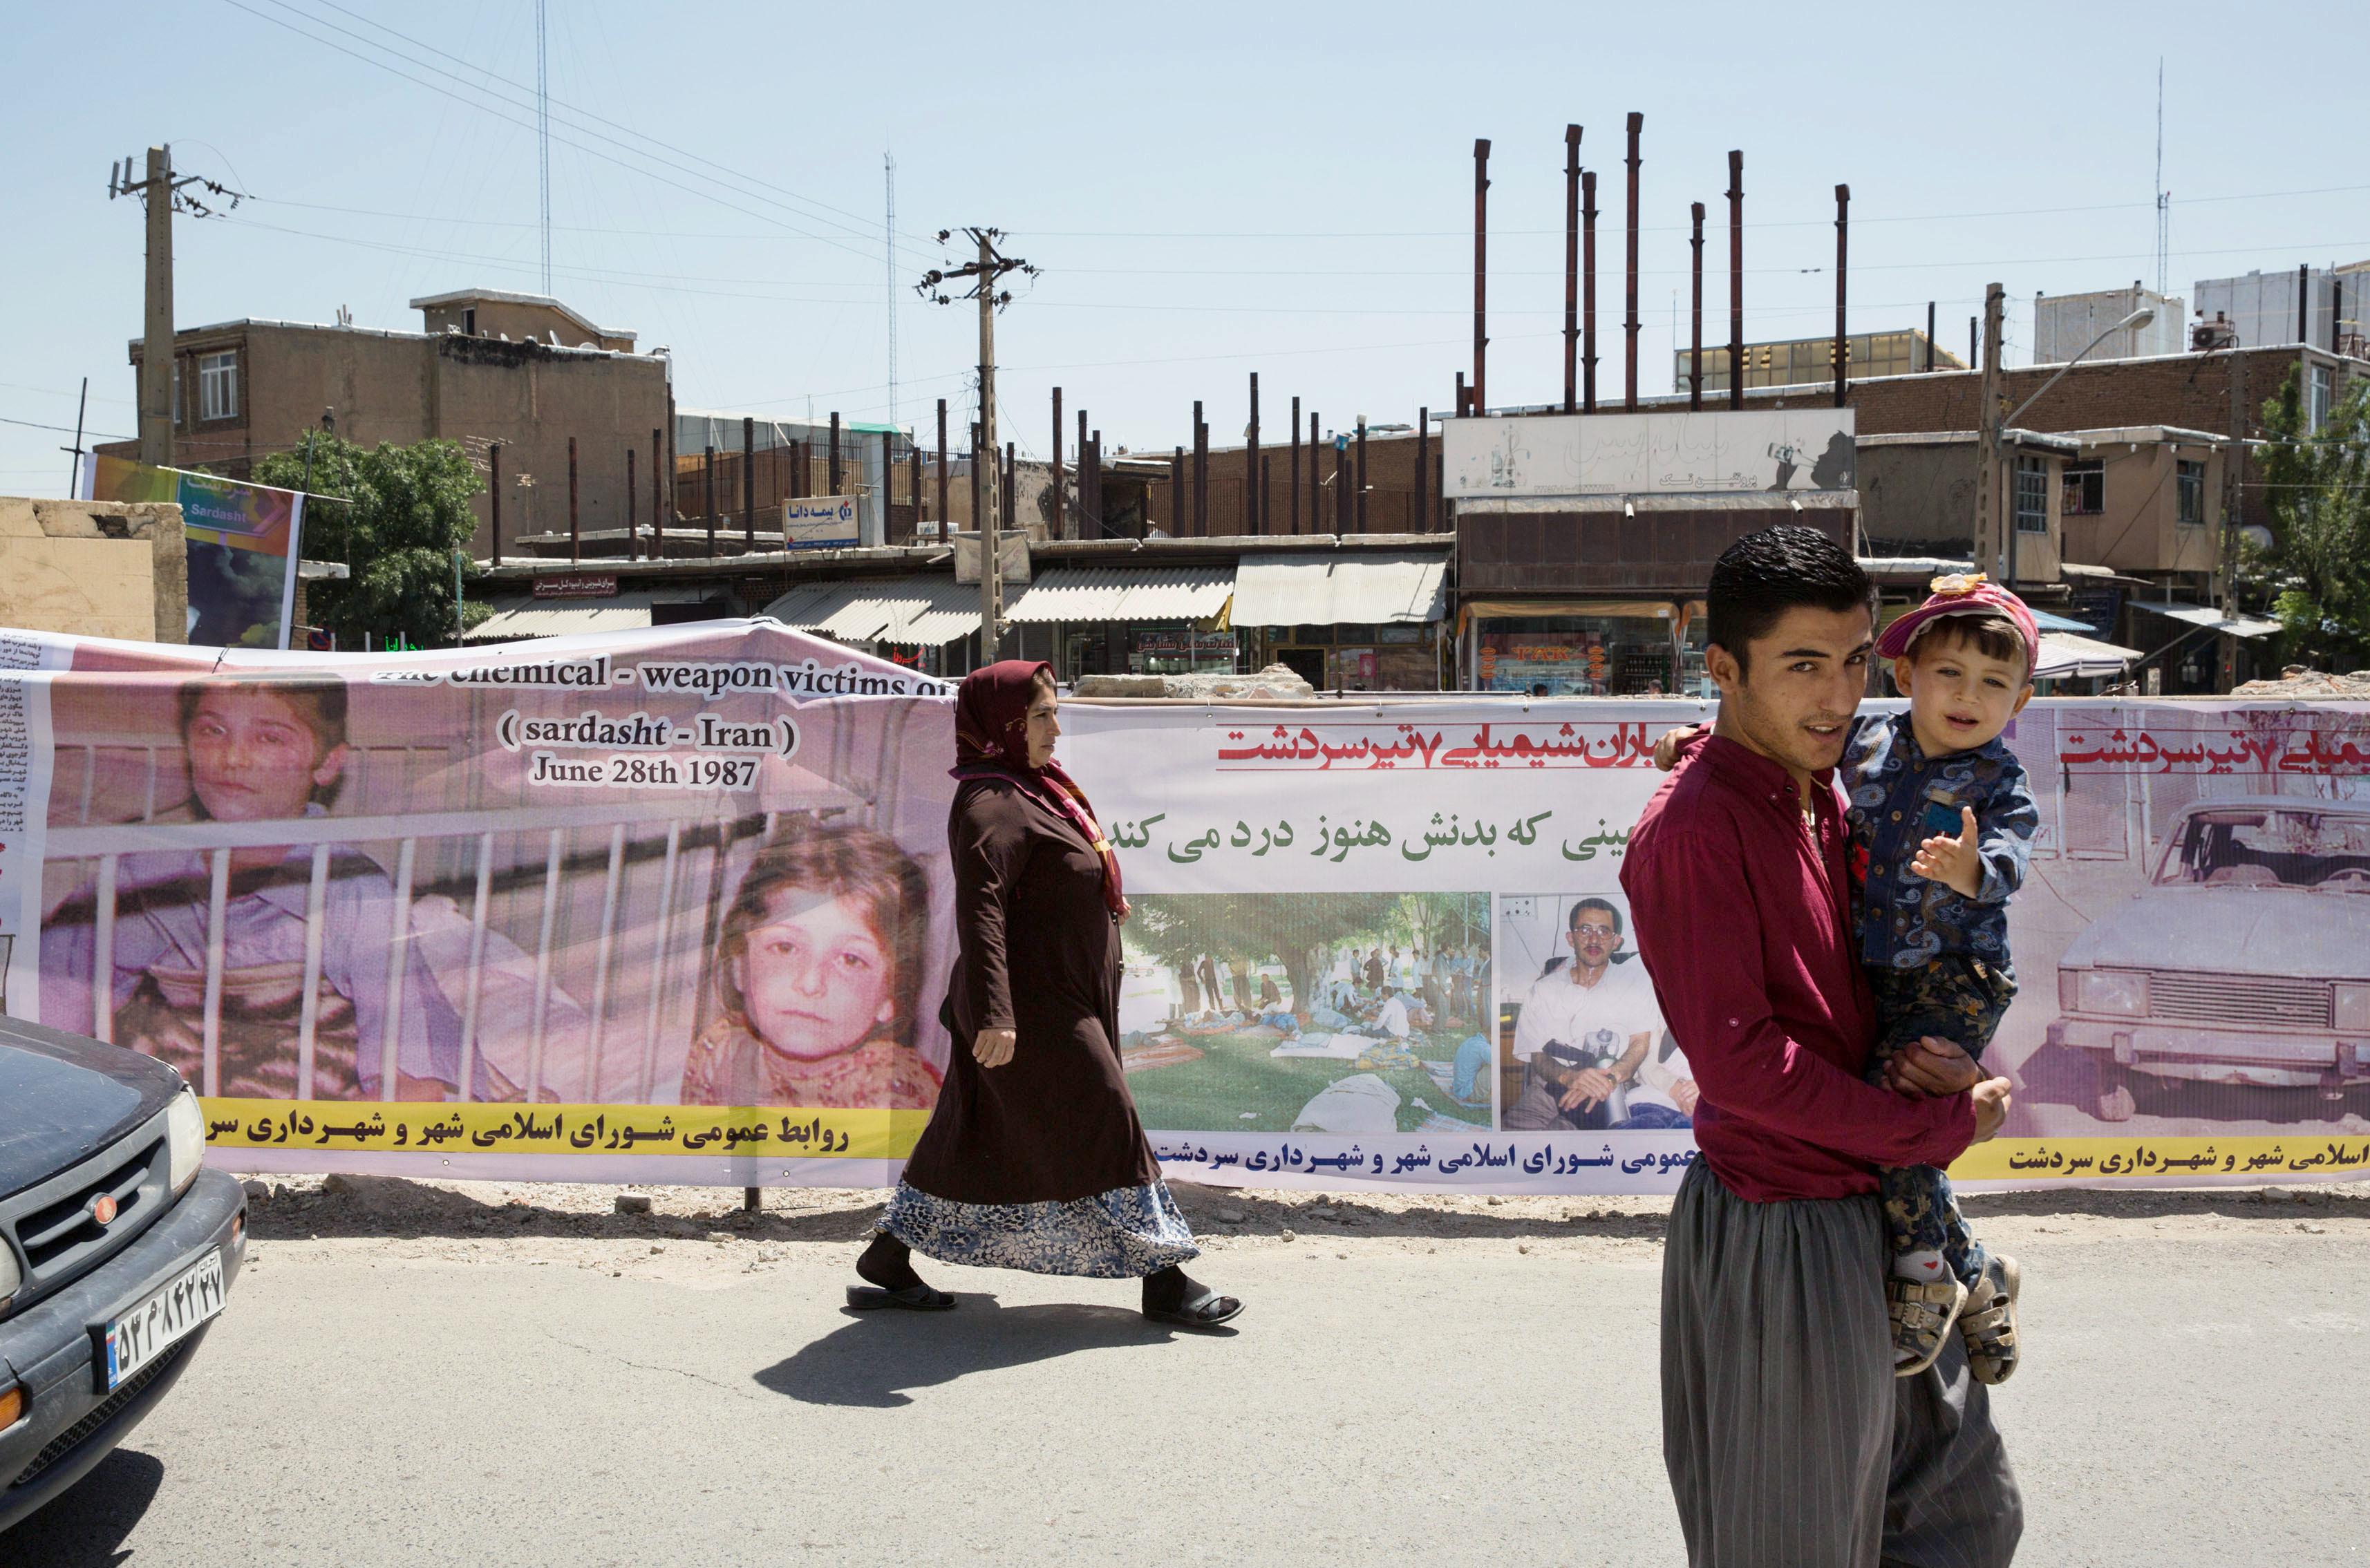 化学兵器攻撃があったイラン北西部サルダシュトの現場周辺。約8千人が被害に遭った当時の状況を横断幕が伝えている(撮影・澤田博之、共同)